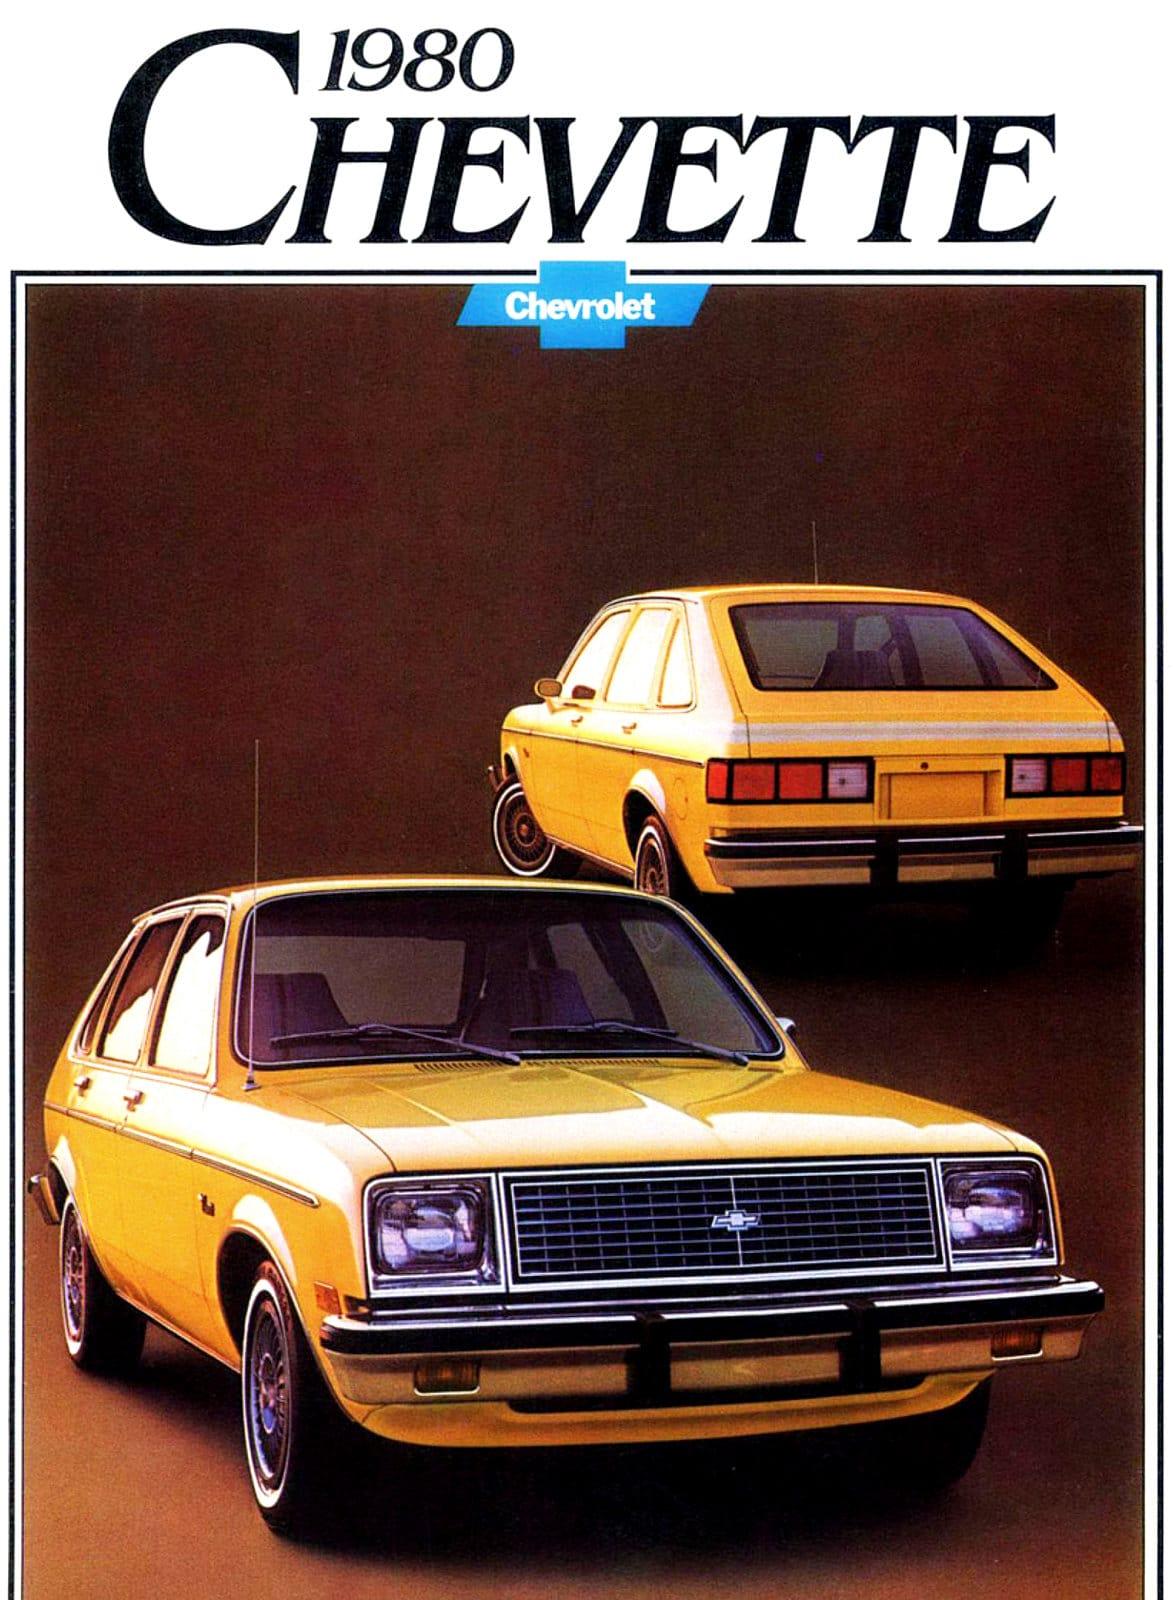 Vintage 1980 Classic Chevy Chevette car (2)